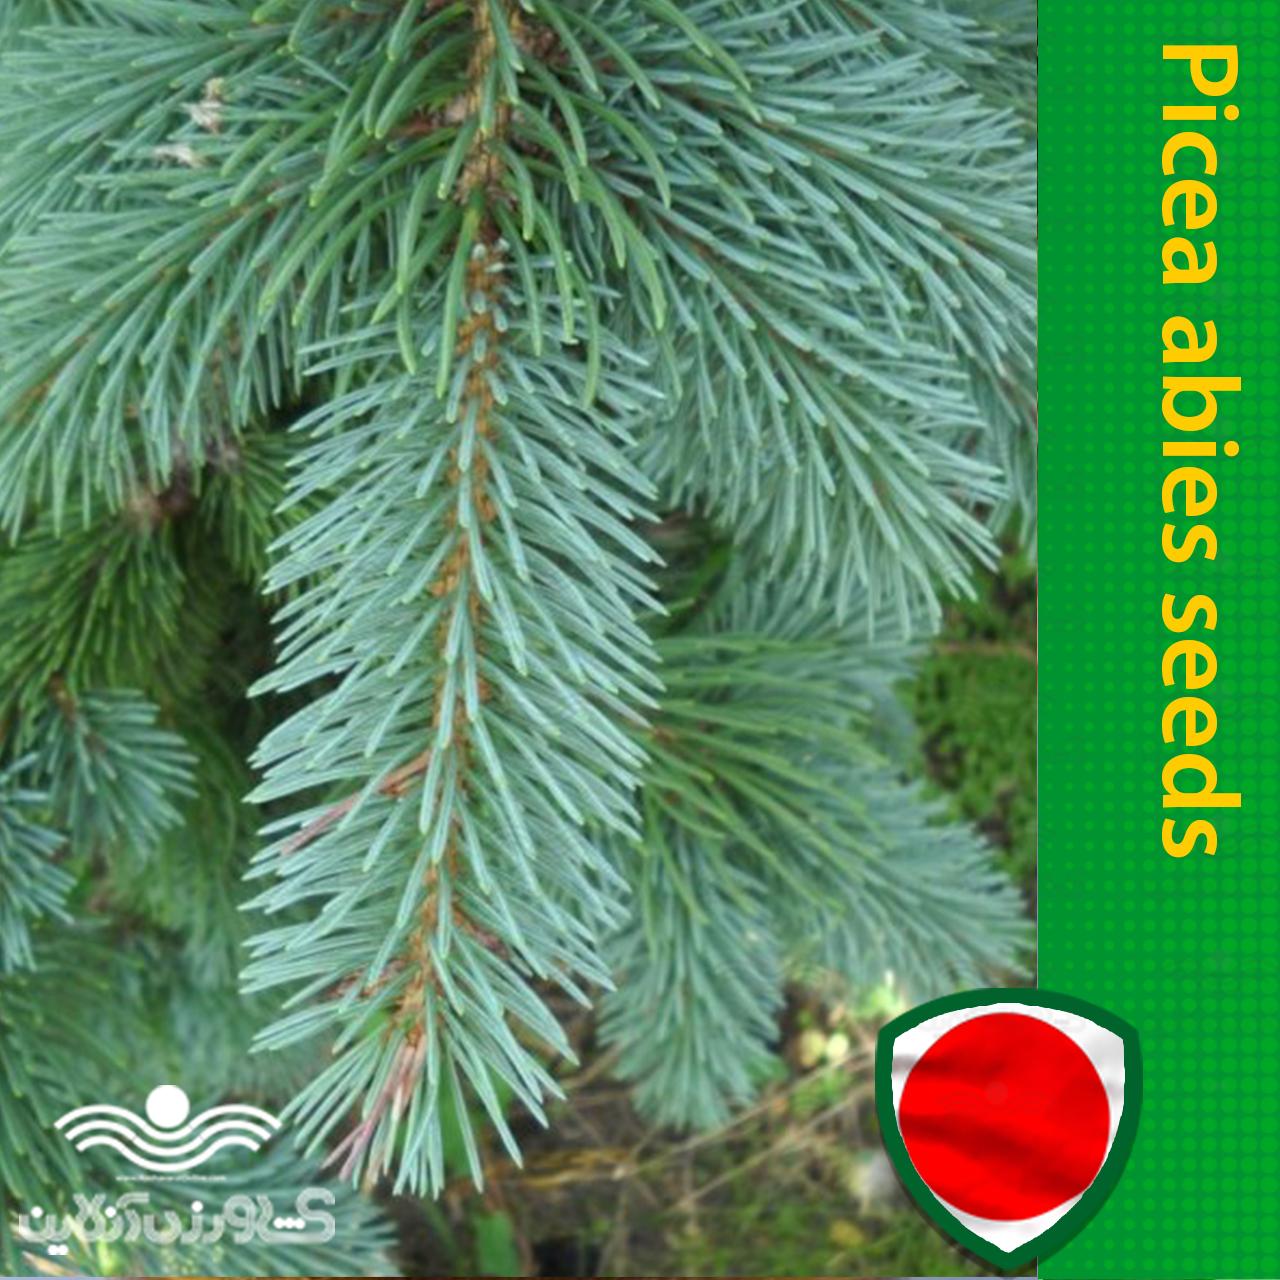 بذر کاج کریسمس نوئل سبز آبی و روش کاشت کاج کریسمس نوئل سبز آبی